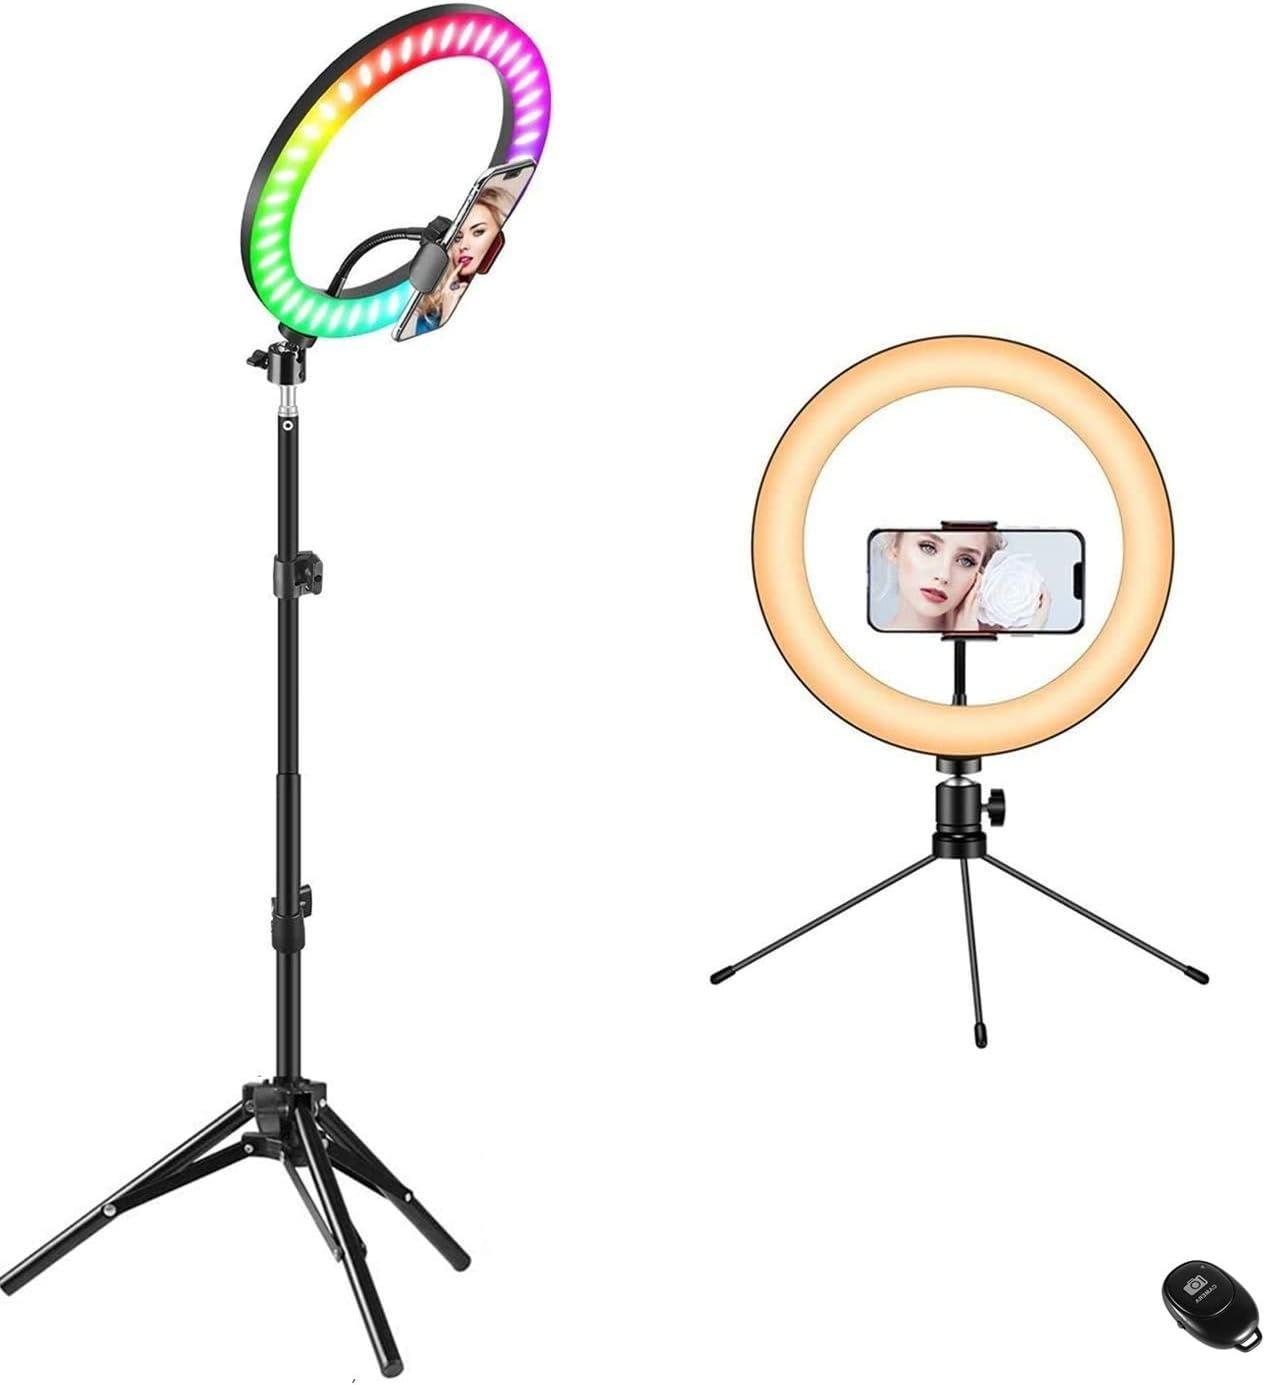 """Luz de Anillo para Youtube TIK Tok Selfie Video Maquillaje Anillo de Luz para Transmisi/ón en Vivo con 3 Color Anillo de Luz LED Regulable 10/""""con Soporte Tr/ípode Fotogr/áfica de Escritorio Palo Selfie"""